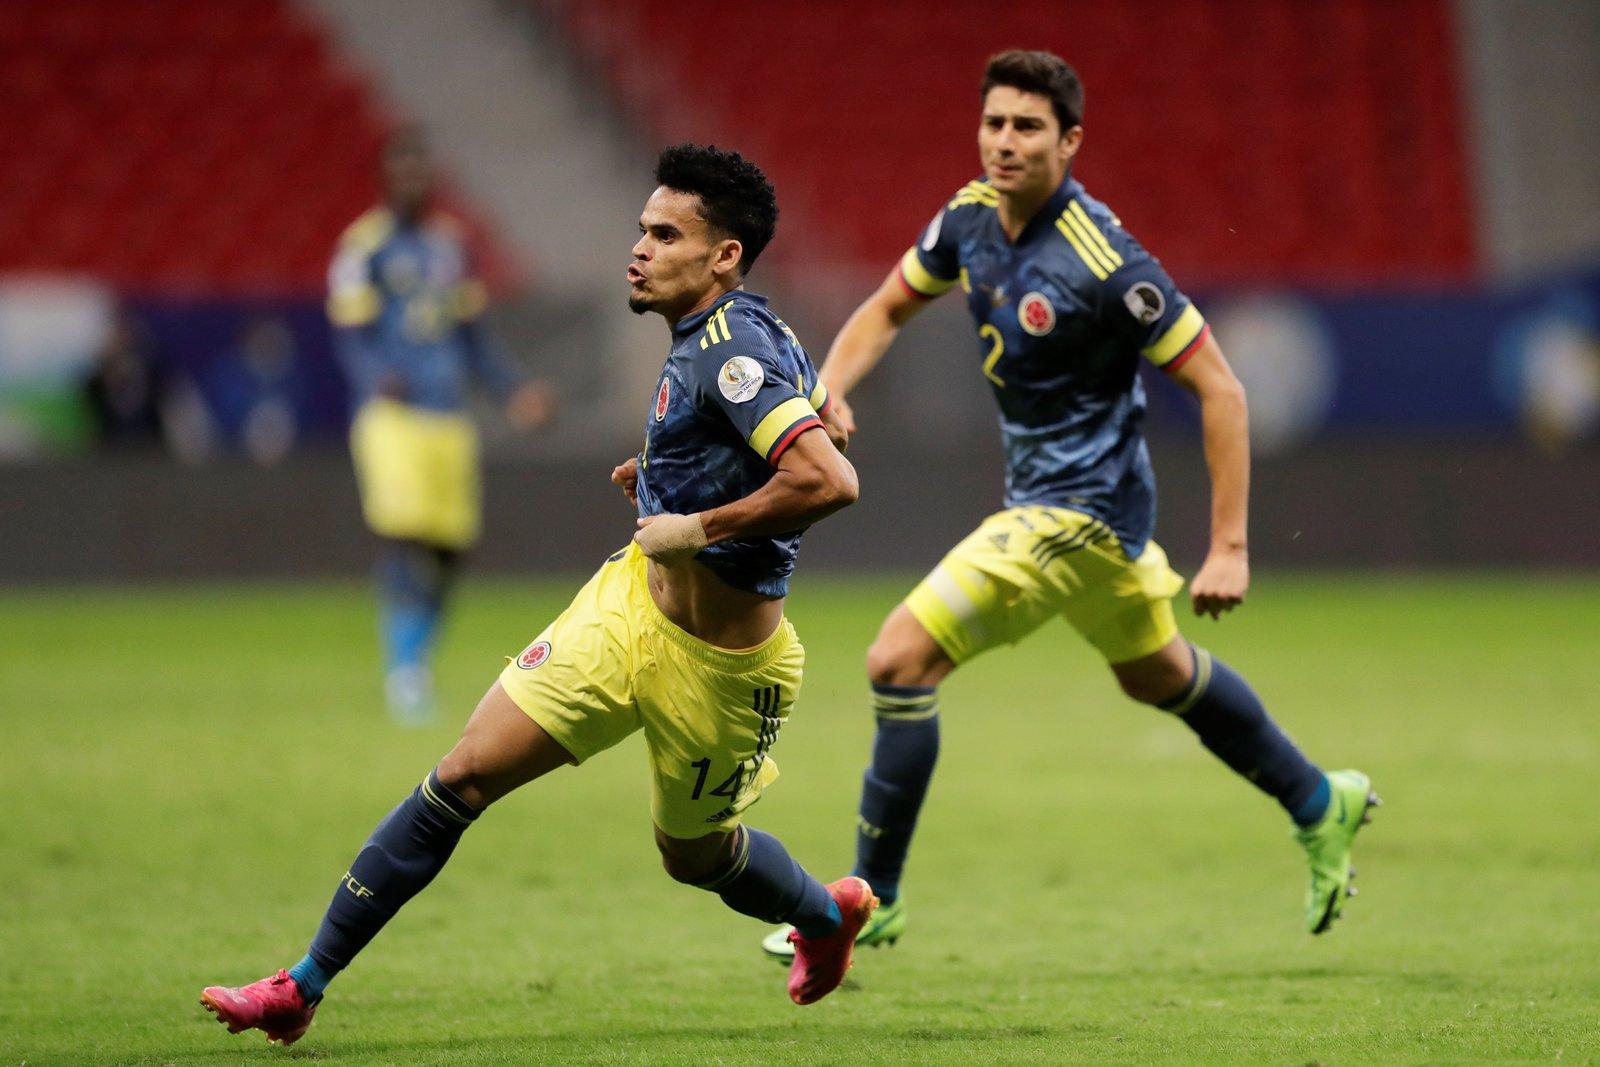 Un doblete de Luis Díaz le da a Colombia el tercer puesto en la Copa América